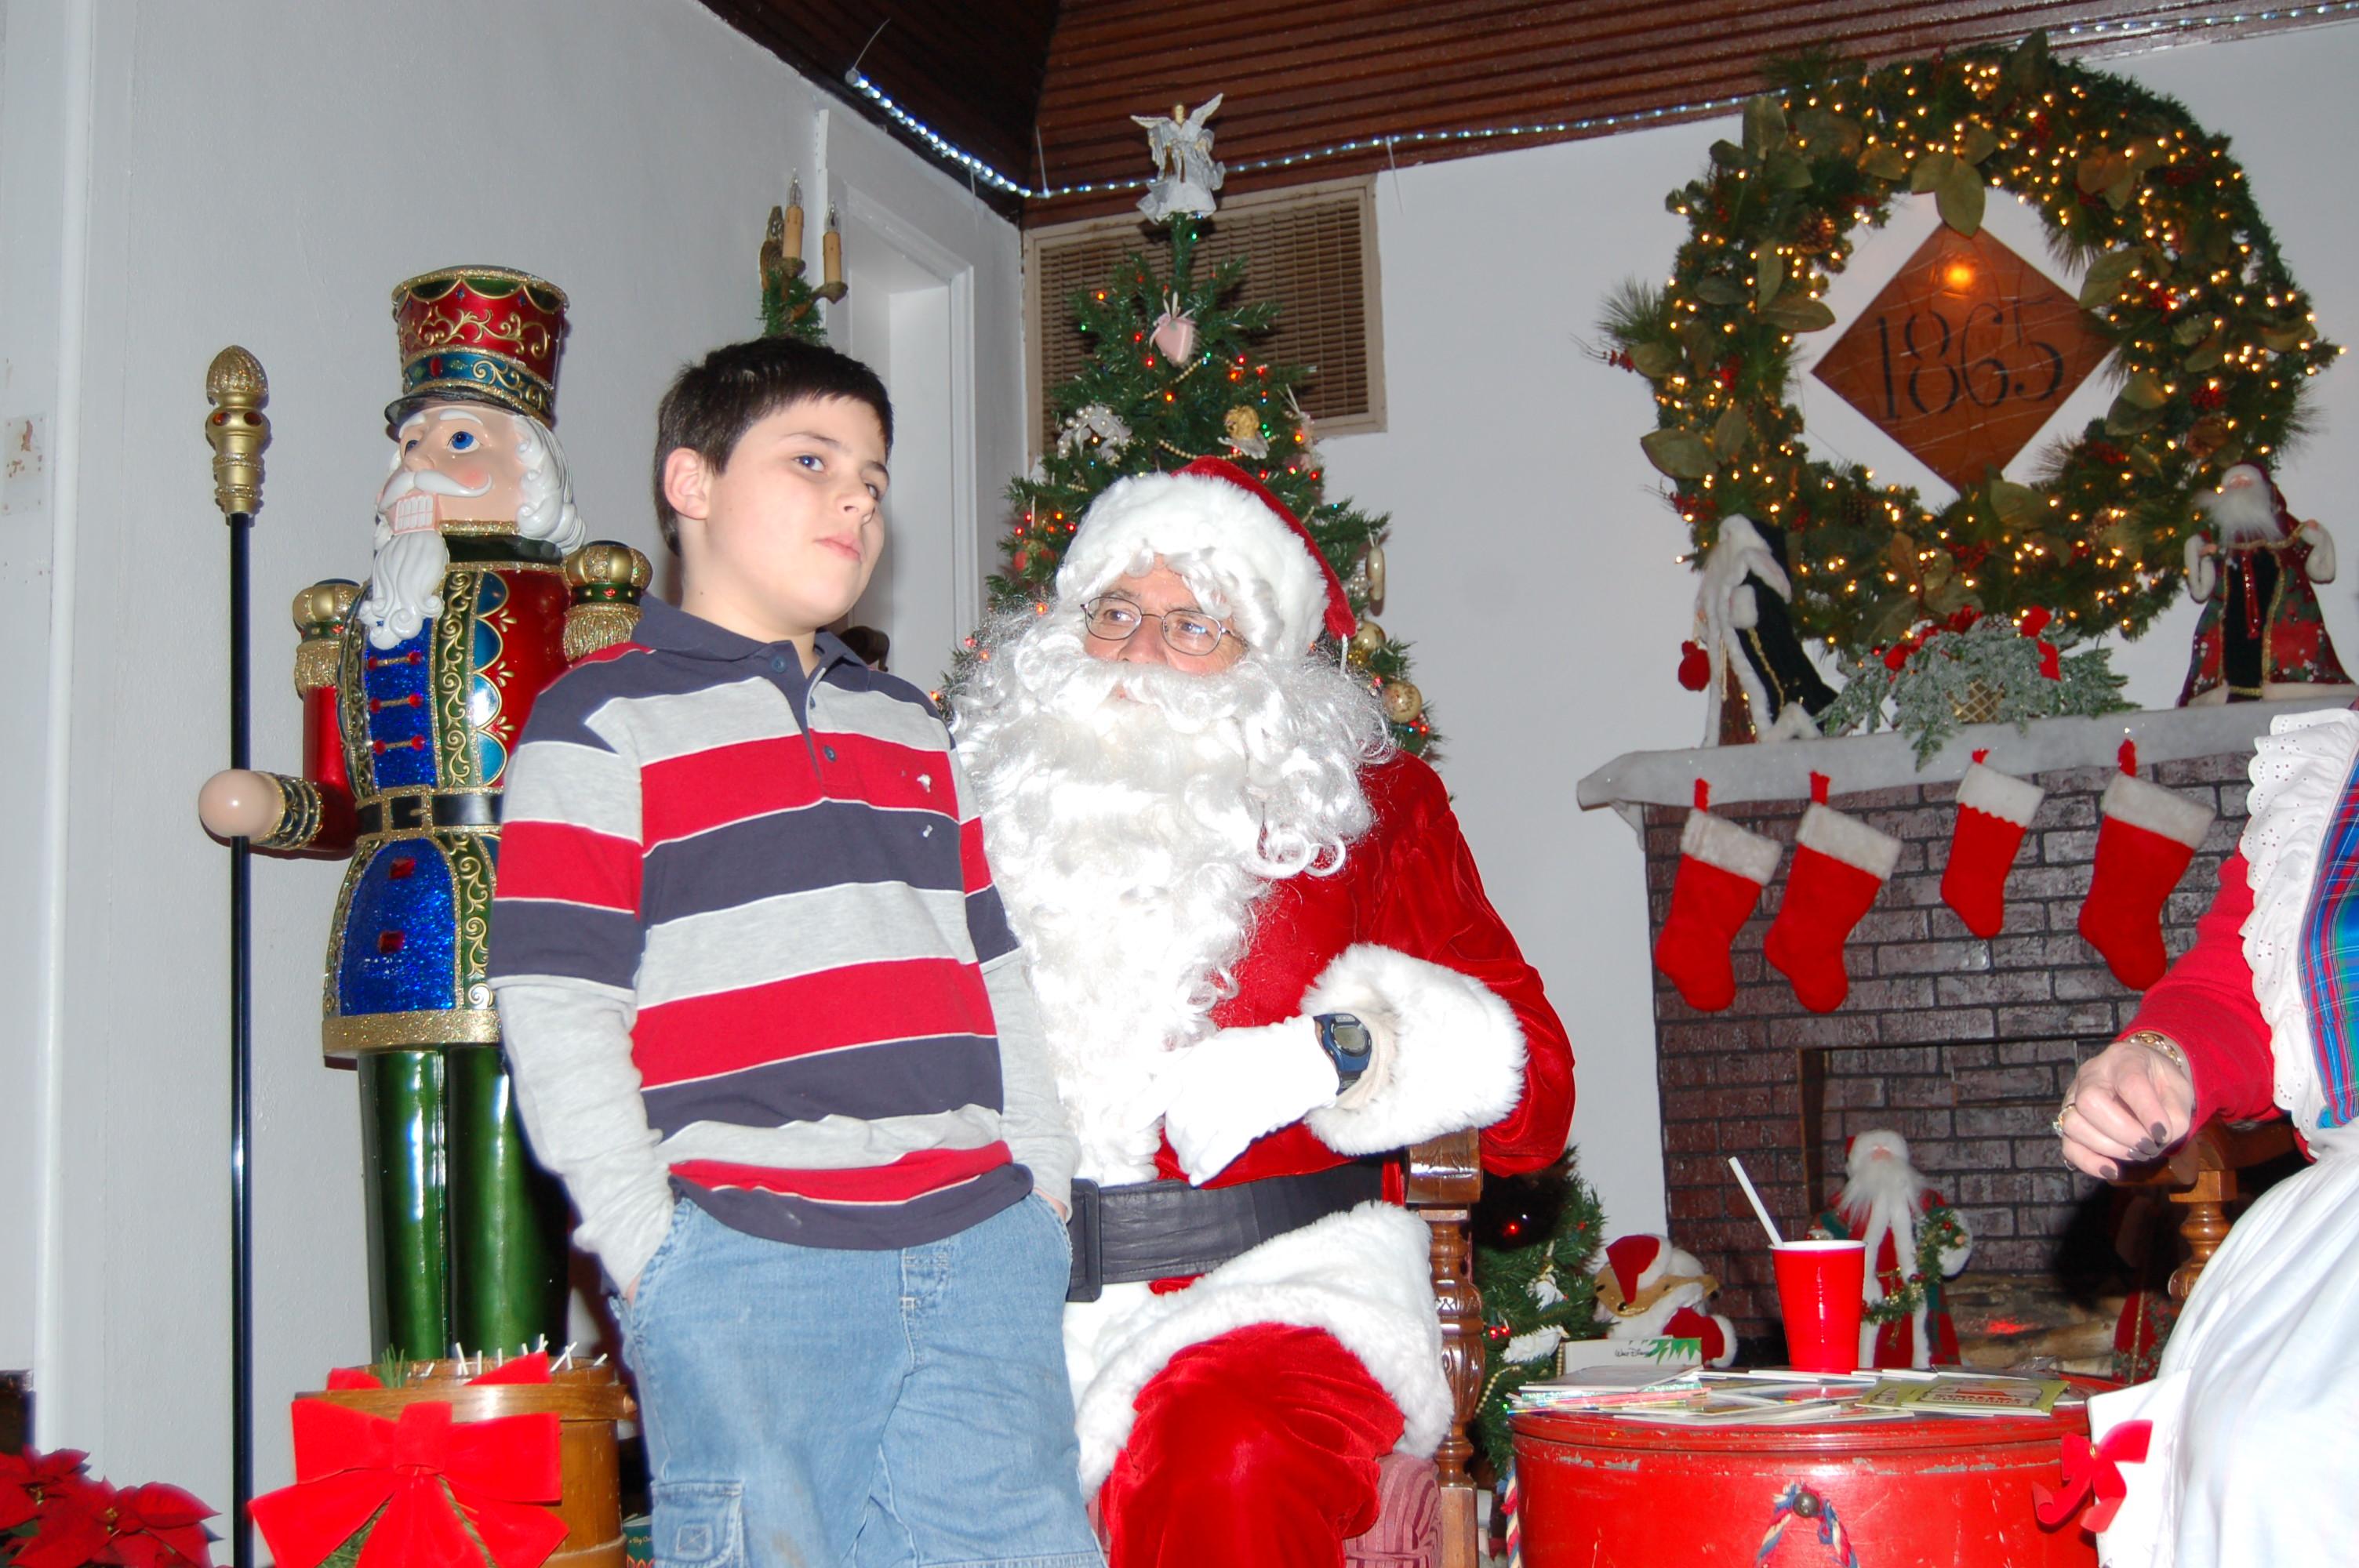 LolliPop+Lane+12-12-2008+Picture+018.jpg